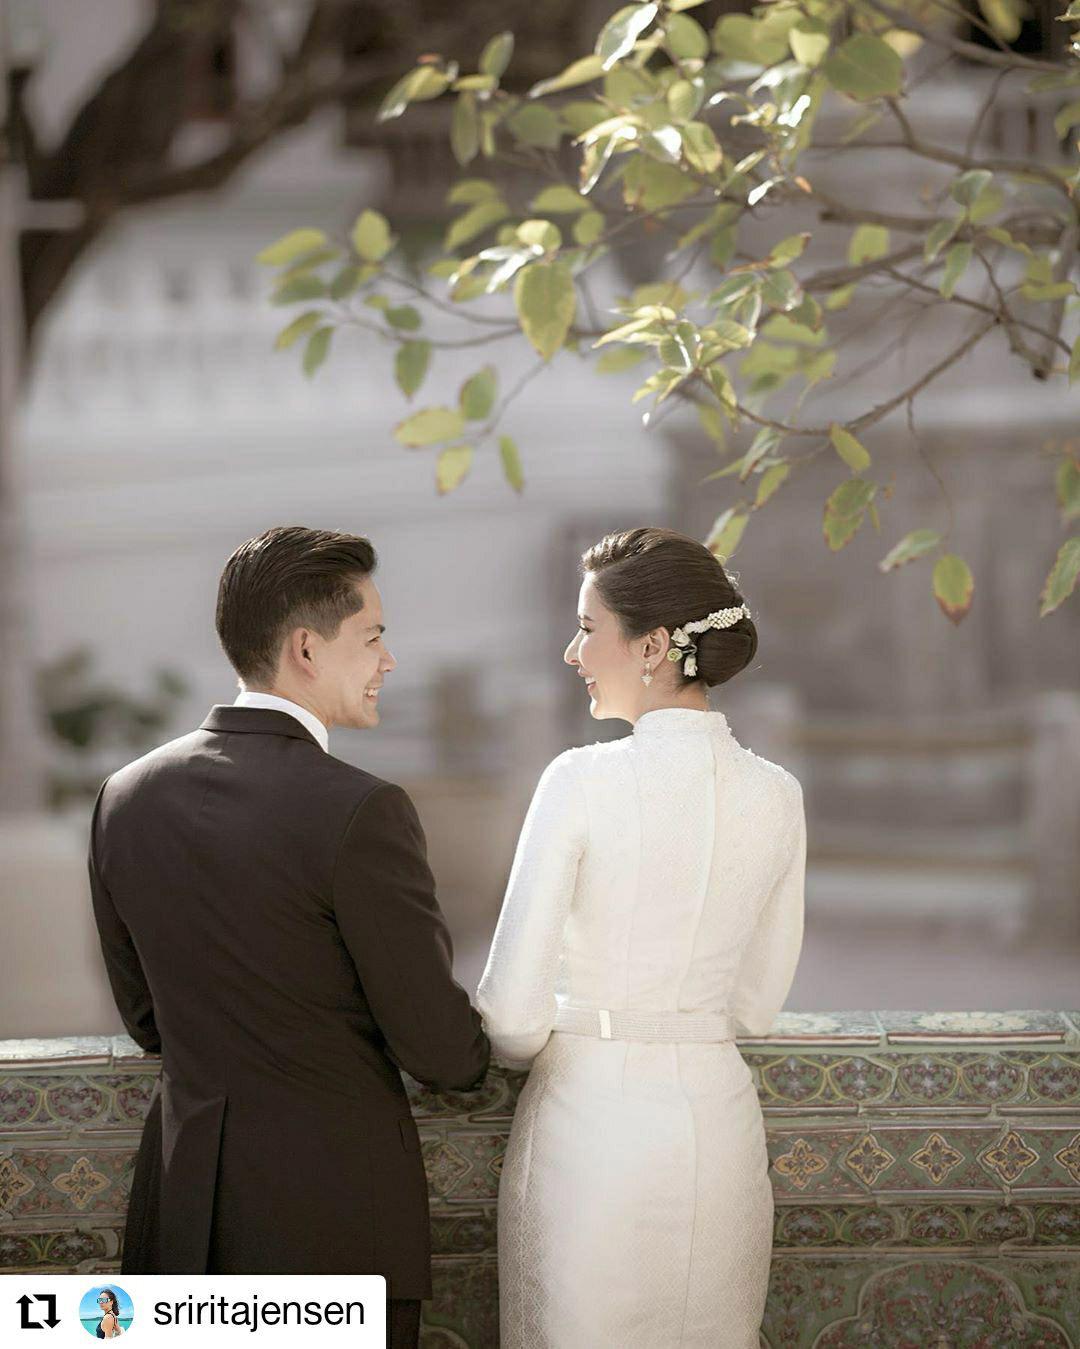 ชุดแต่งงาน ศรีริต้า เจนเซ่น